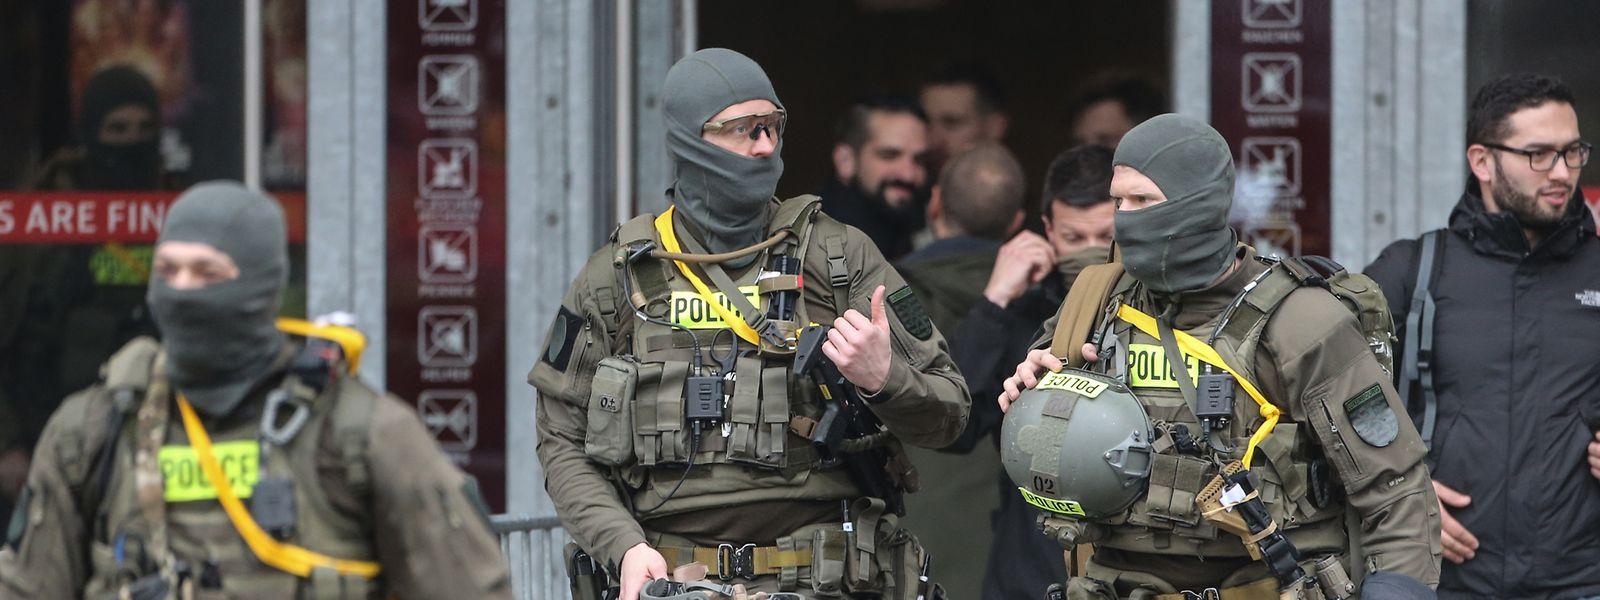 La mission des policiers: prendre le contrôle de la situation aussi vite que possible.